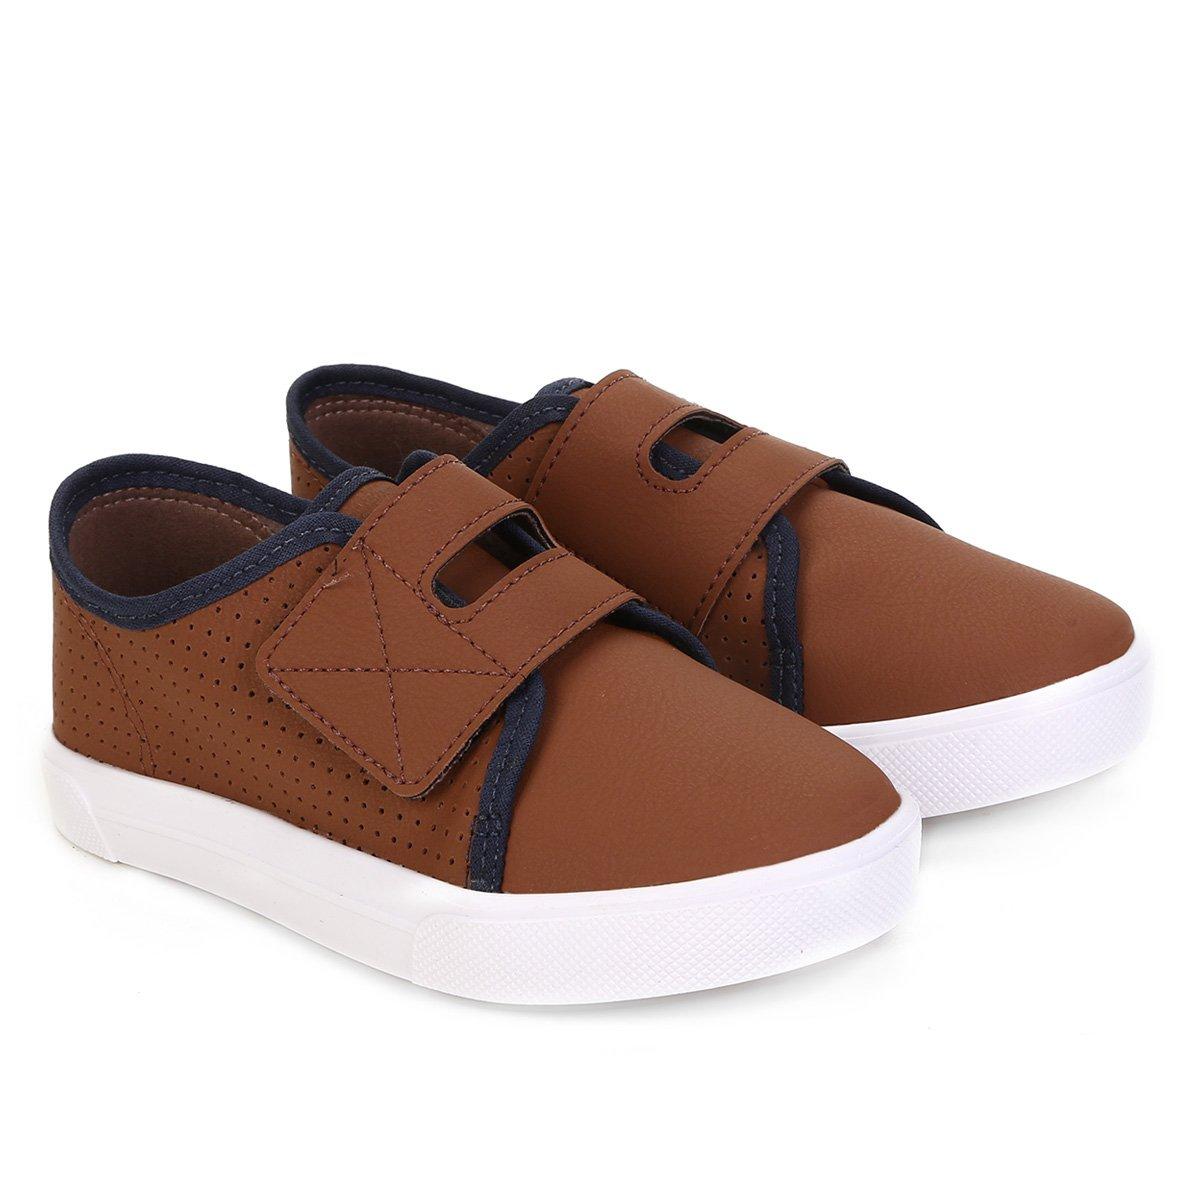 e85c8737d8 Sapato Casual Infantil Molekinho com Velcro